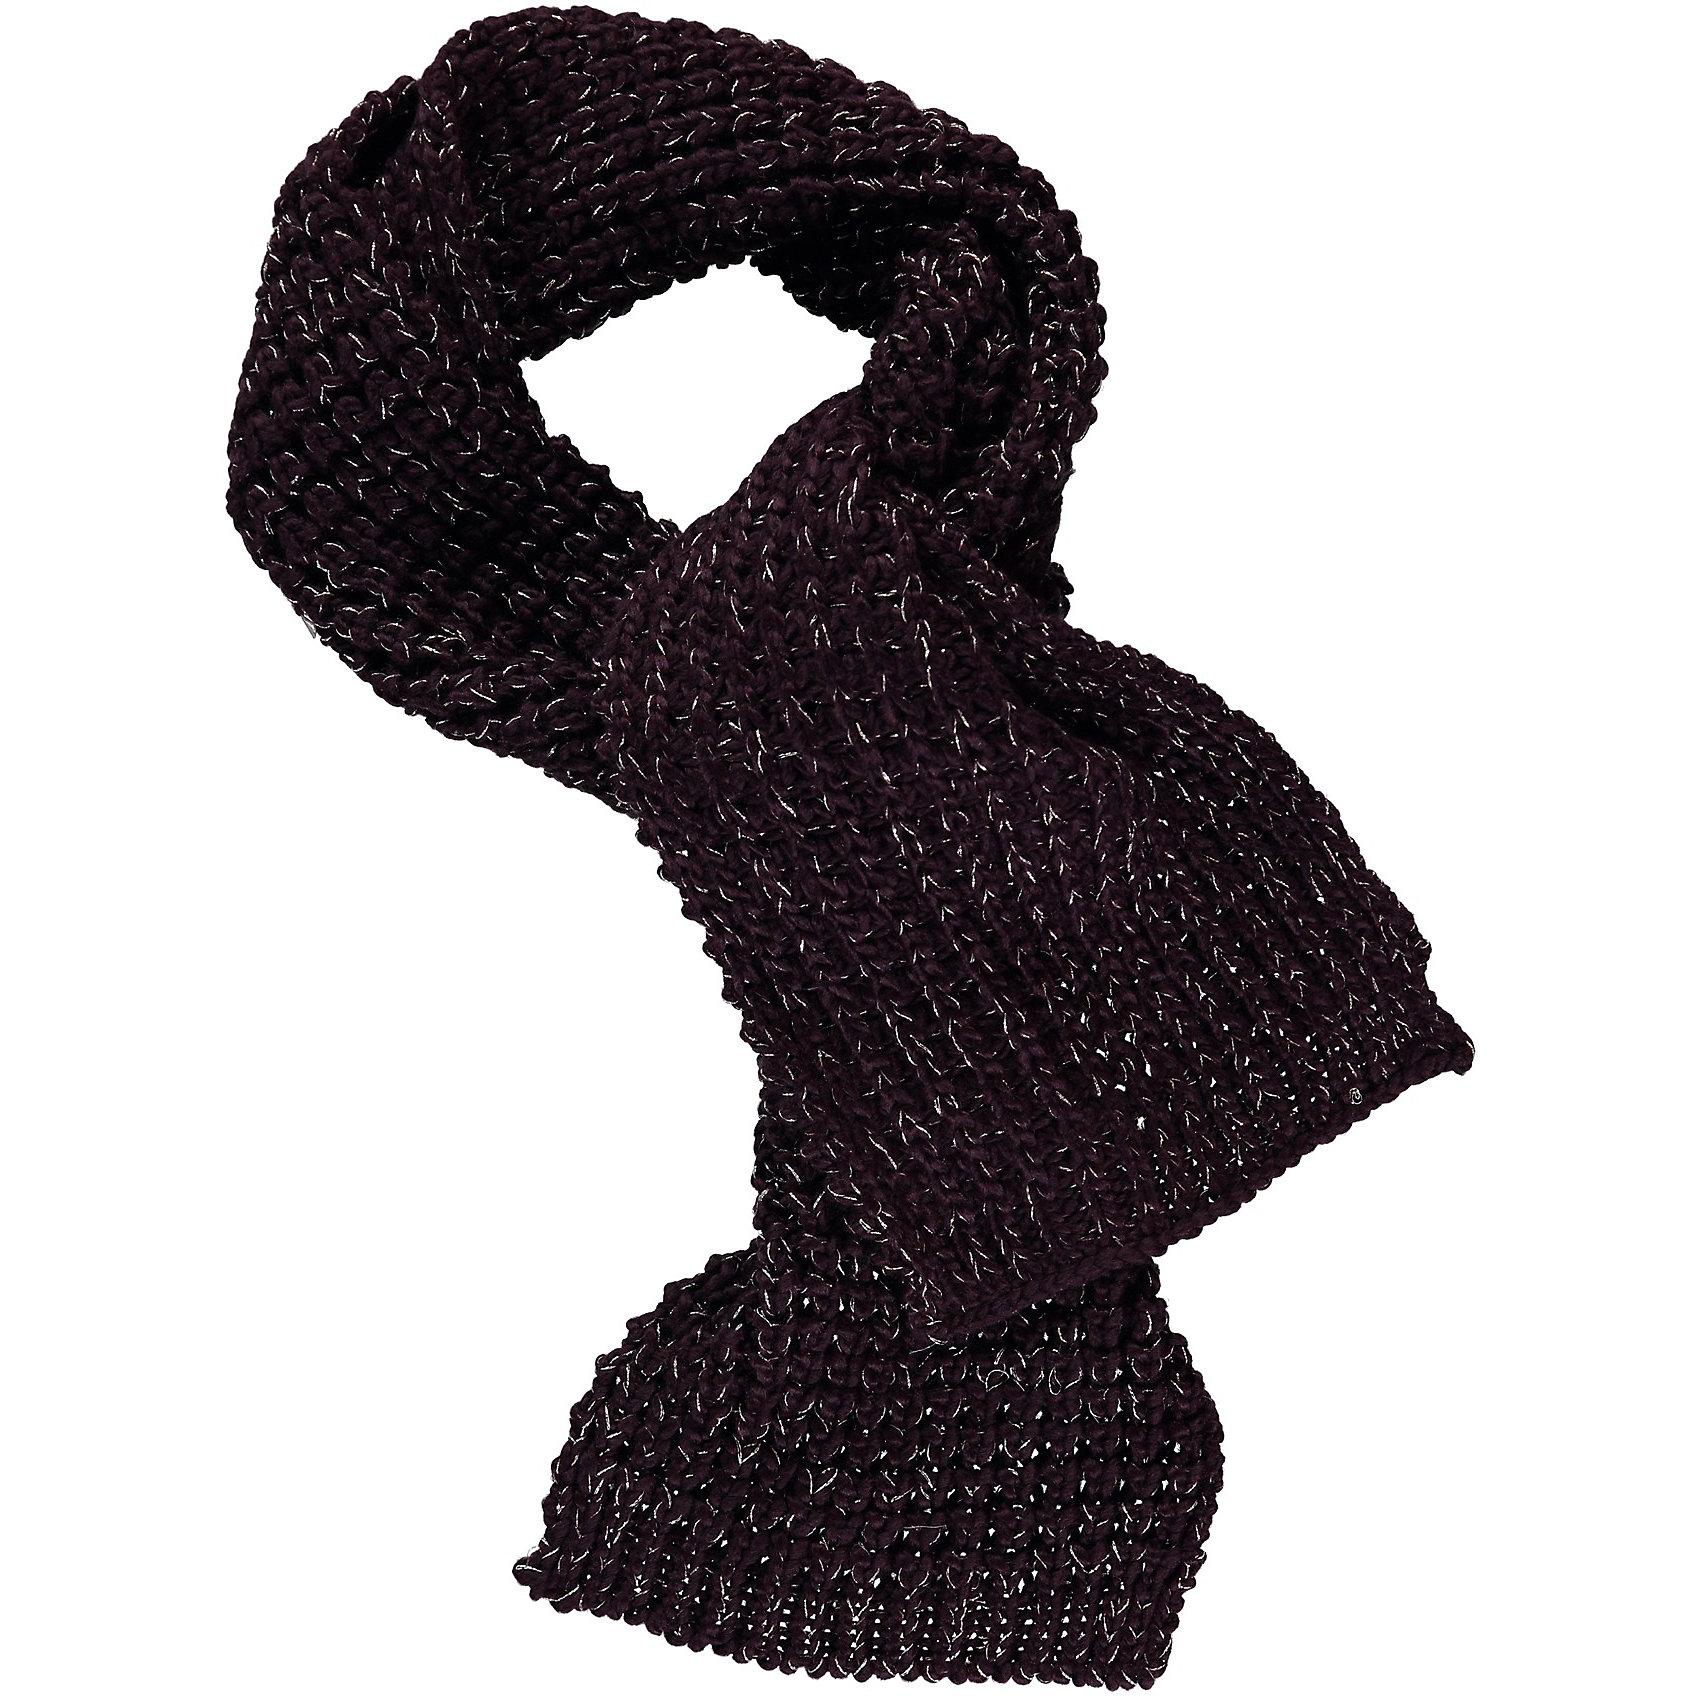 Шарф для девочки name itШарфы, платки<br>Шарф для девочки name it. Мягкий и теплый шарф, выполненный из высококачественного материала. Изделие нейтральной расцветки будет прекрасно сочетаться со всеми вещами в гардеробе.<br><br>Дополнительное описание:<br><br>- Сезон: осень, зима, весна<br>- Цвет: коричневый.<br>Параметры изделия:<br>- Ширина: 25 см<br>- Длина: 158 см<br><br>Состав: <br>100% акрил<br><br>Шарф для девочки name it ( нэйм ит) можно купить в нашем магазине.<br><br>Ширина мм: 170<br>Глубина мм: 157<br>Высота мм: 67<br>Вес г: 117<br>Цвет: бордовый<br>Возраст от месяцев: 0<br>Возраст до месяцев: 144<br>Пол: Женский<br>Возраст: Детский<br>Размер: one size<br>SKU: 3813360